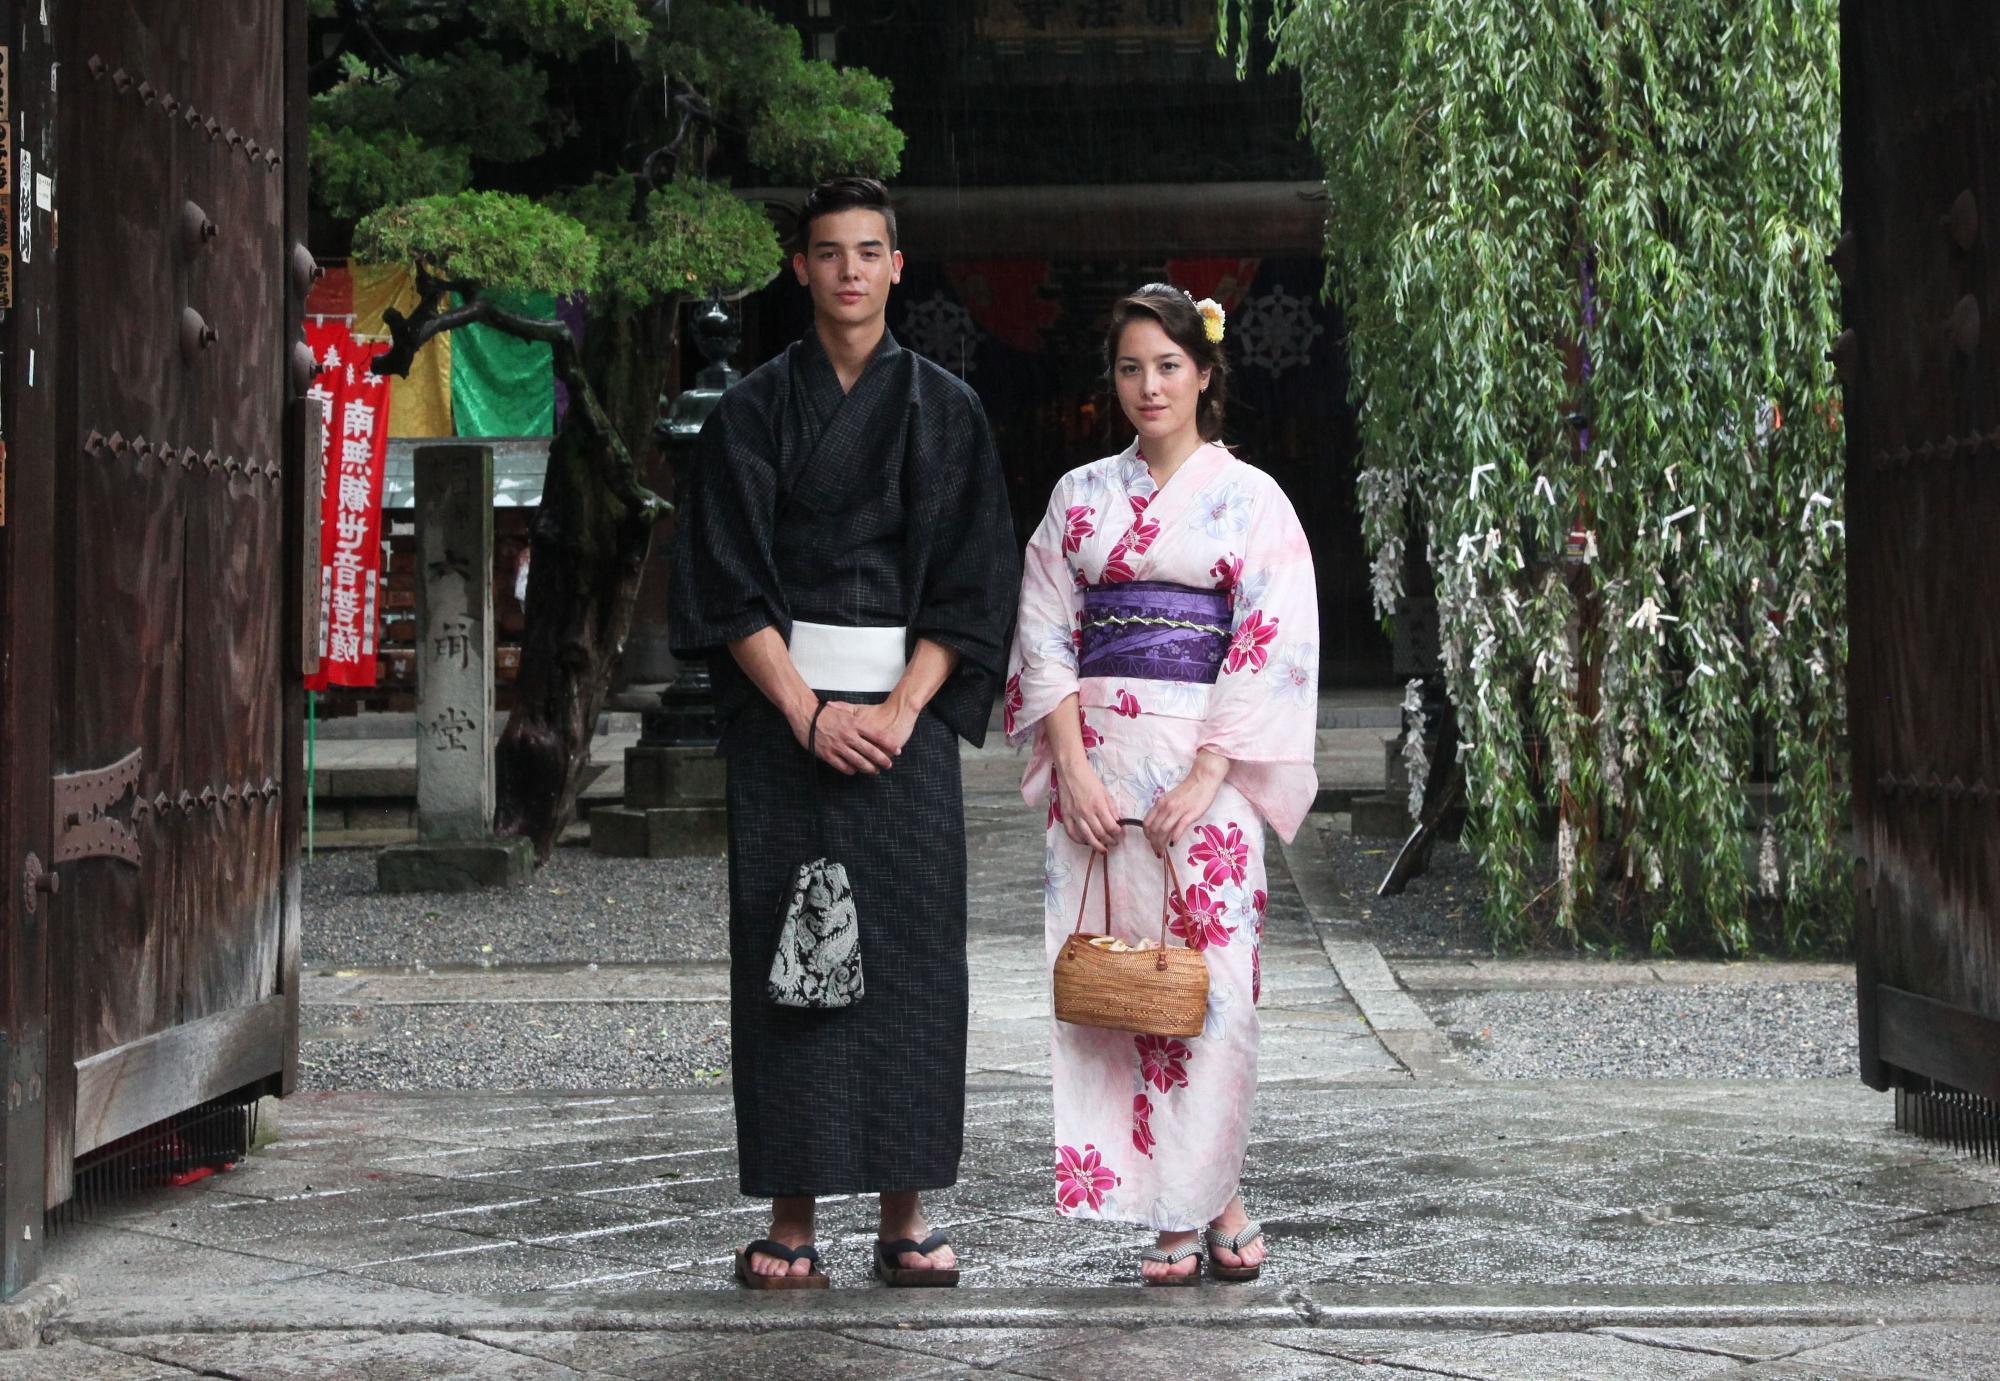 京都にはフォトジェニックなスポットがいっぱい 京の老舗呉服問屋プロデュース 京裳庵提供